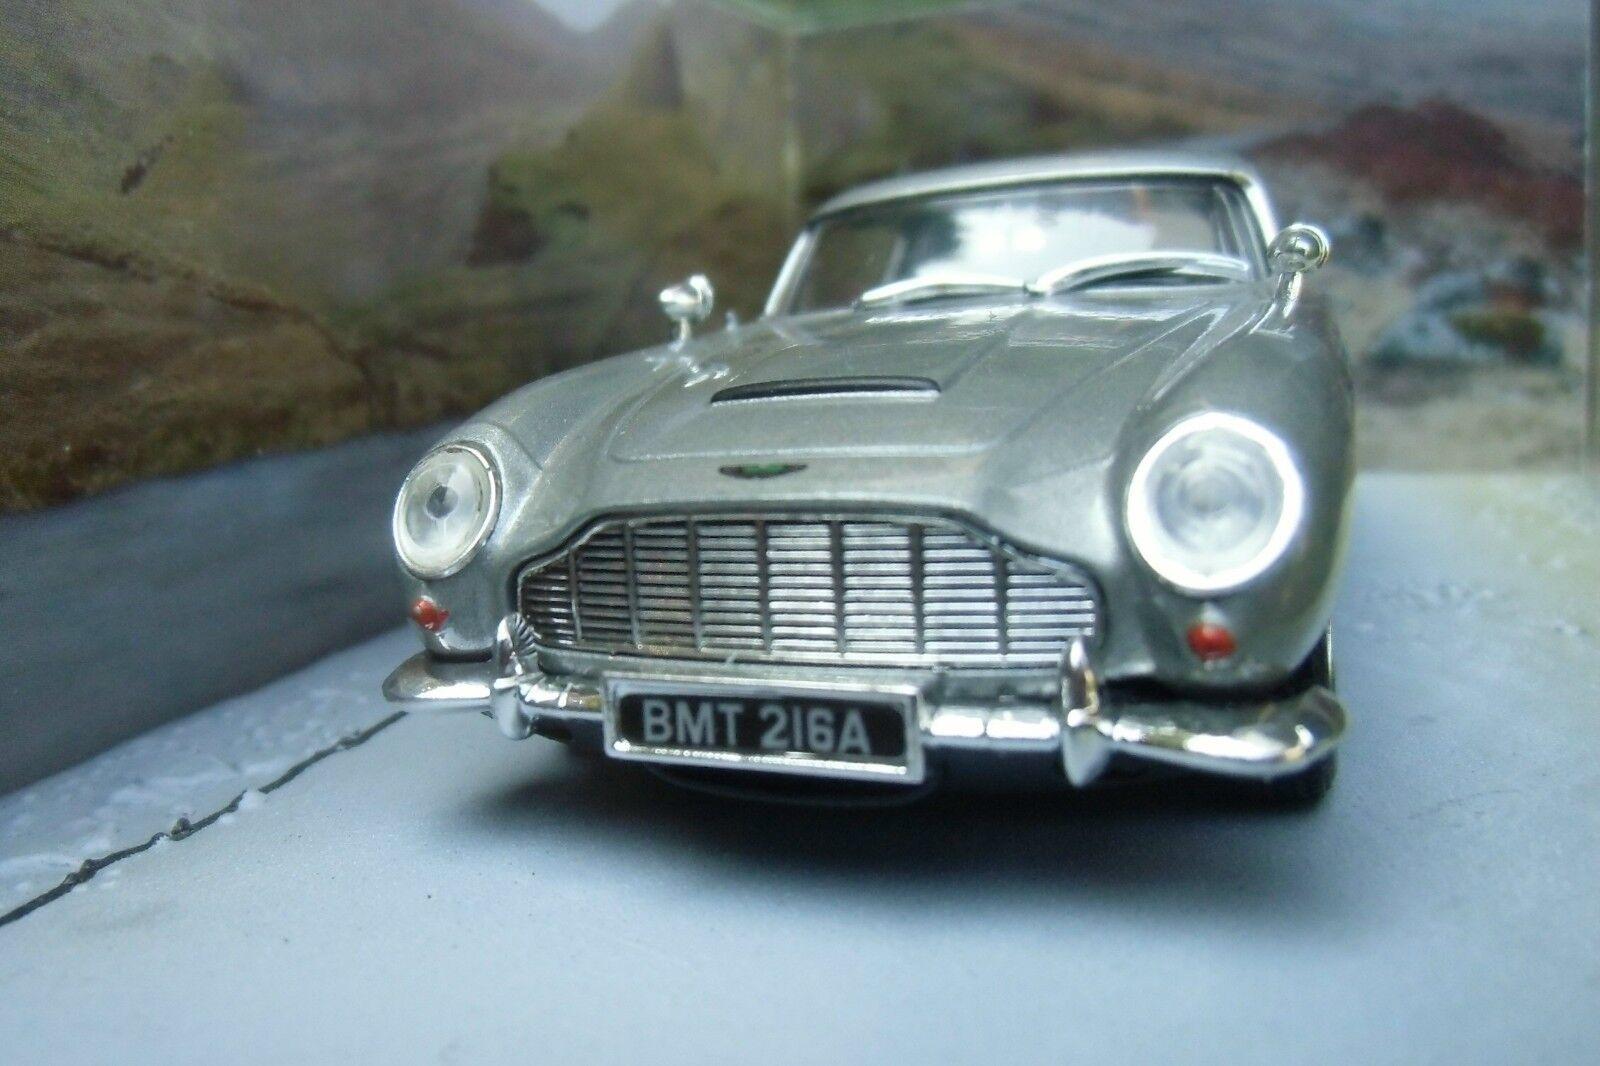 007 JAMES BOND Aston Mkonstin DB5 1 43 bil modelllllerL Skyfall också Spectre guldfinger